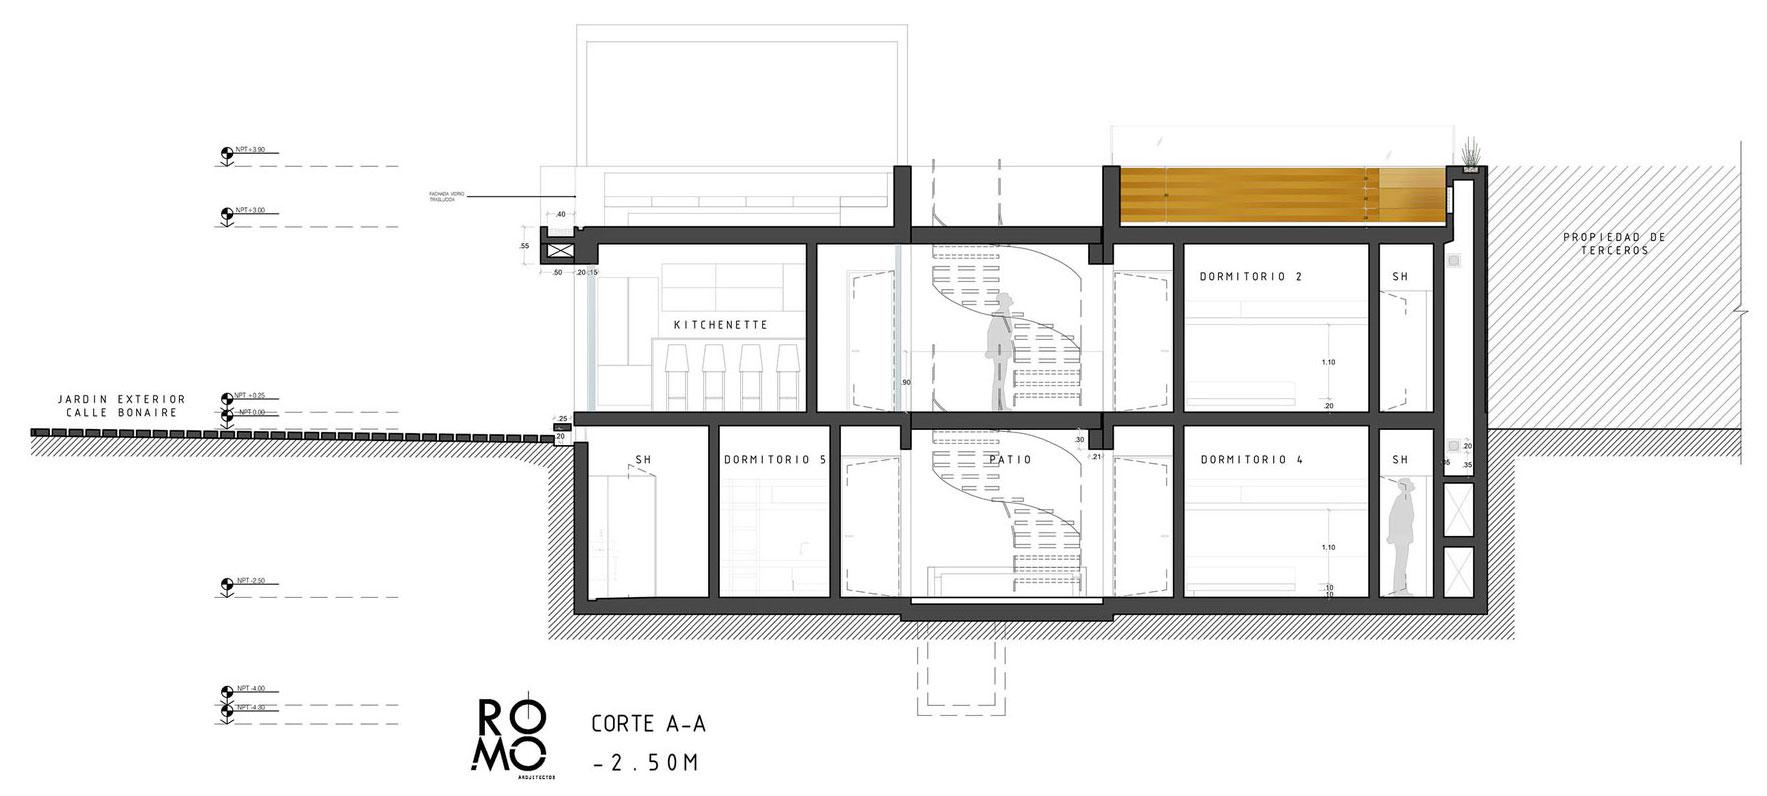 Shouse house plans 28 images shouse house plans 78 for Shouse designs